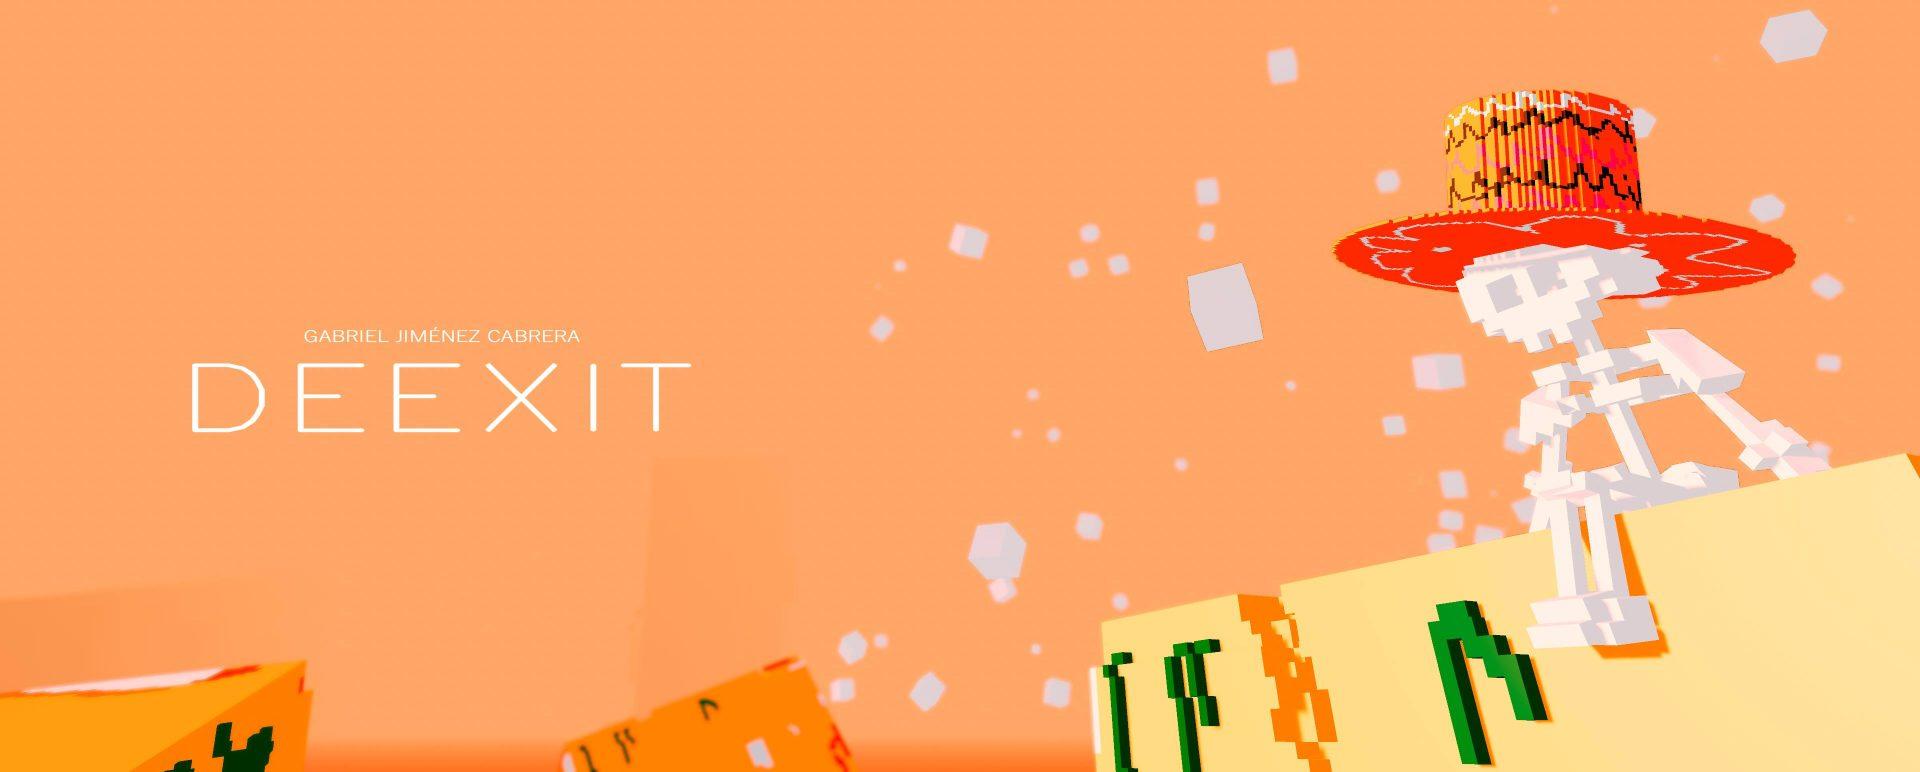 DEEXIT entre los finalistas de la V edicion de PlayStation Talents